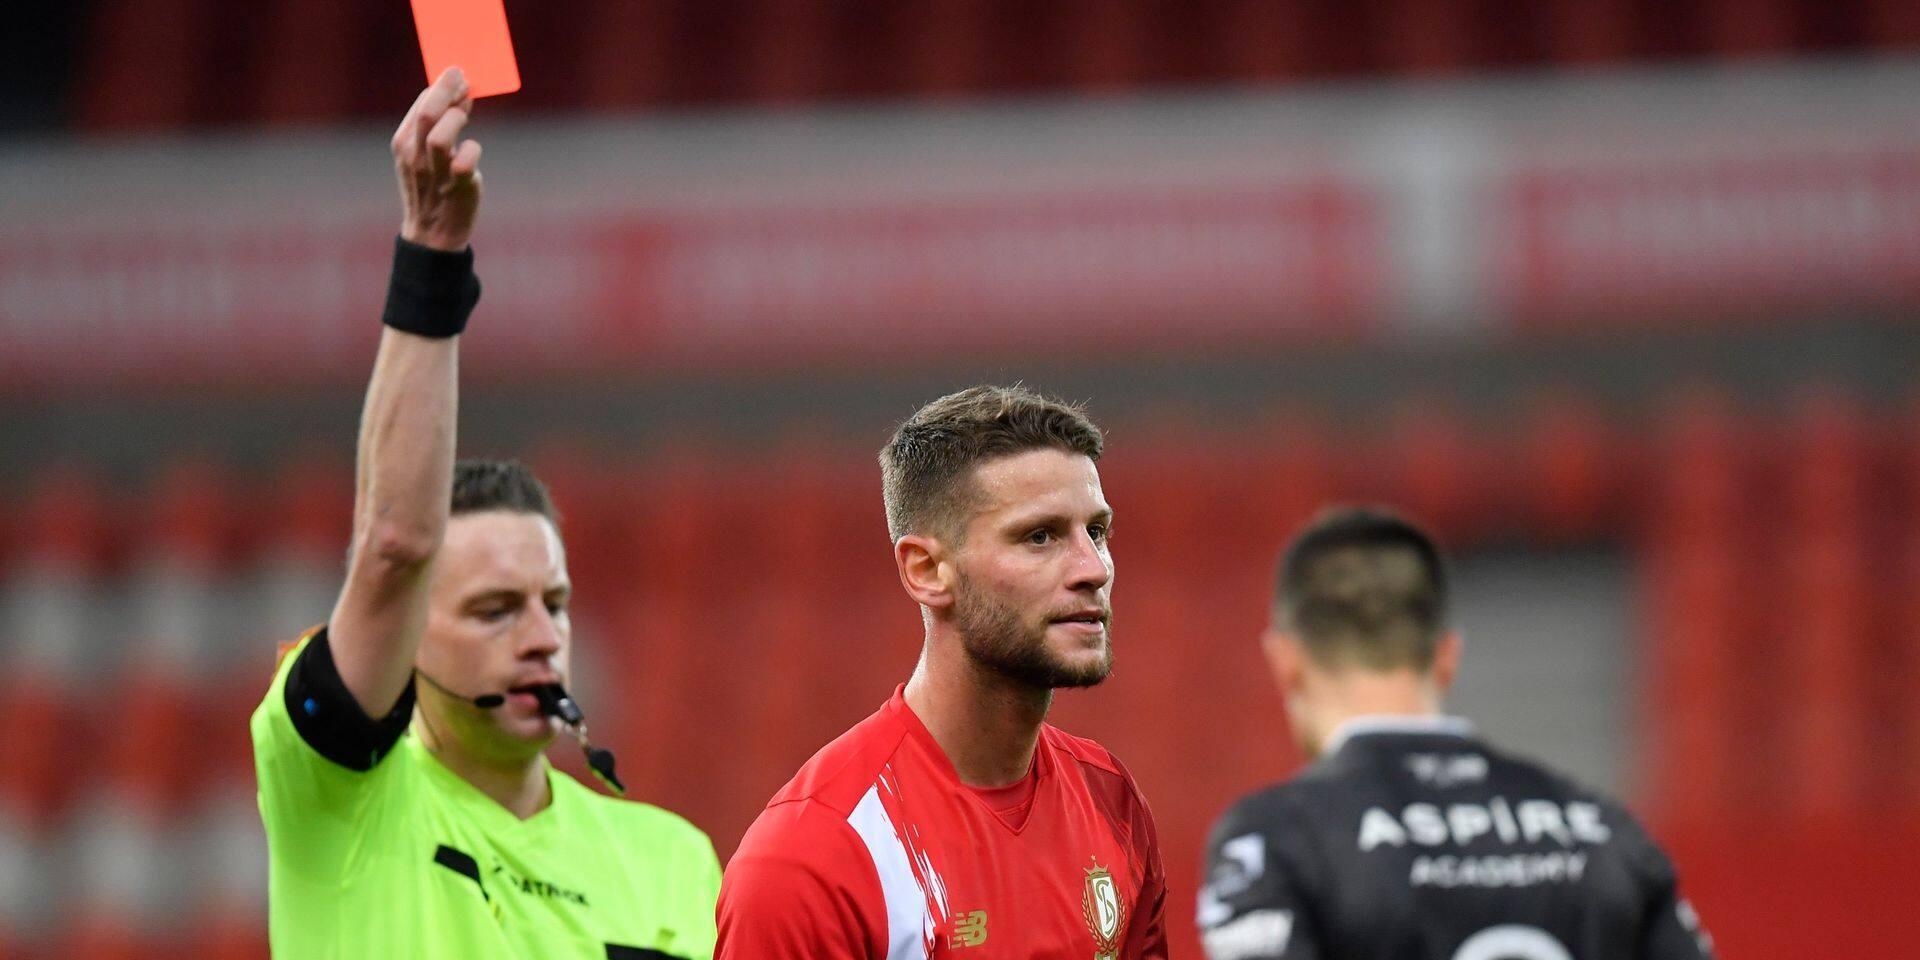 Le Standard accepte la transaction pour Eden Shamir après son exclusion face à Eupen : L'Israélien sera suspendu à Anderlecht et face à Malines